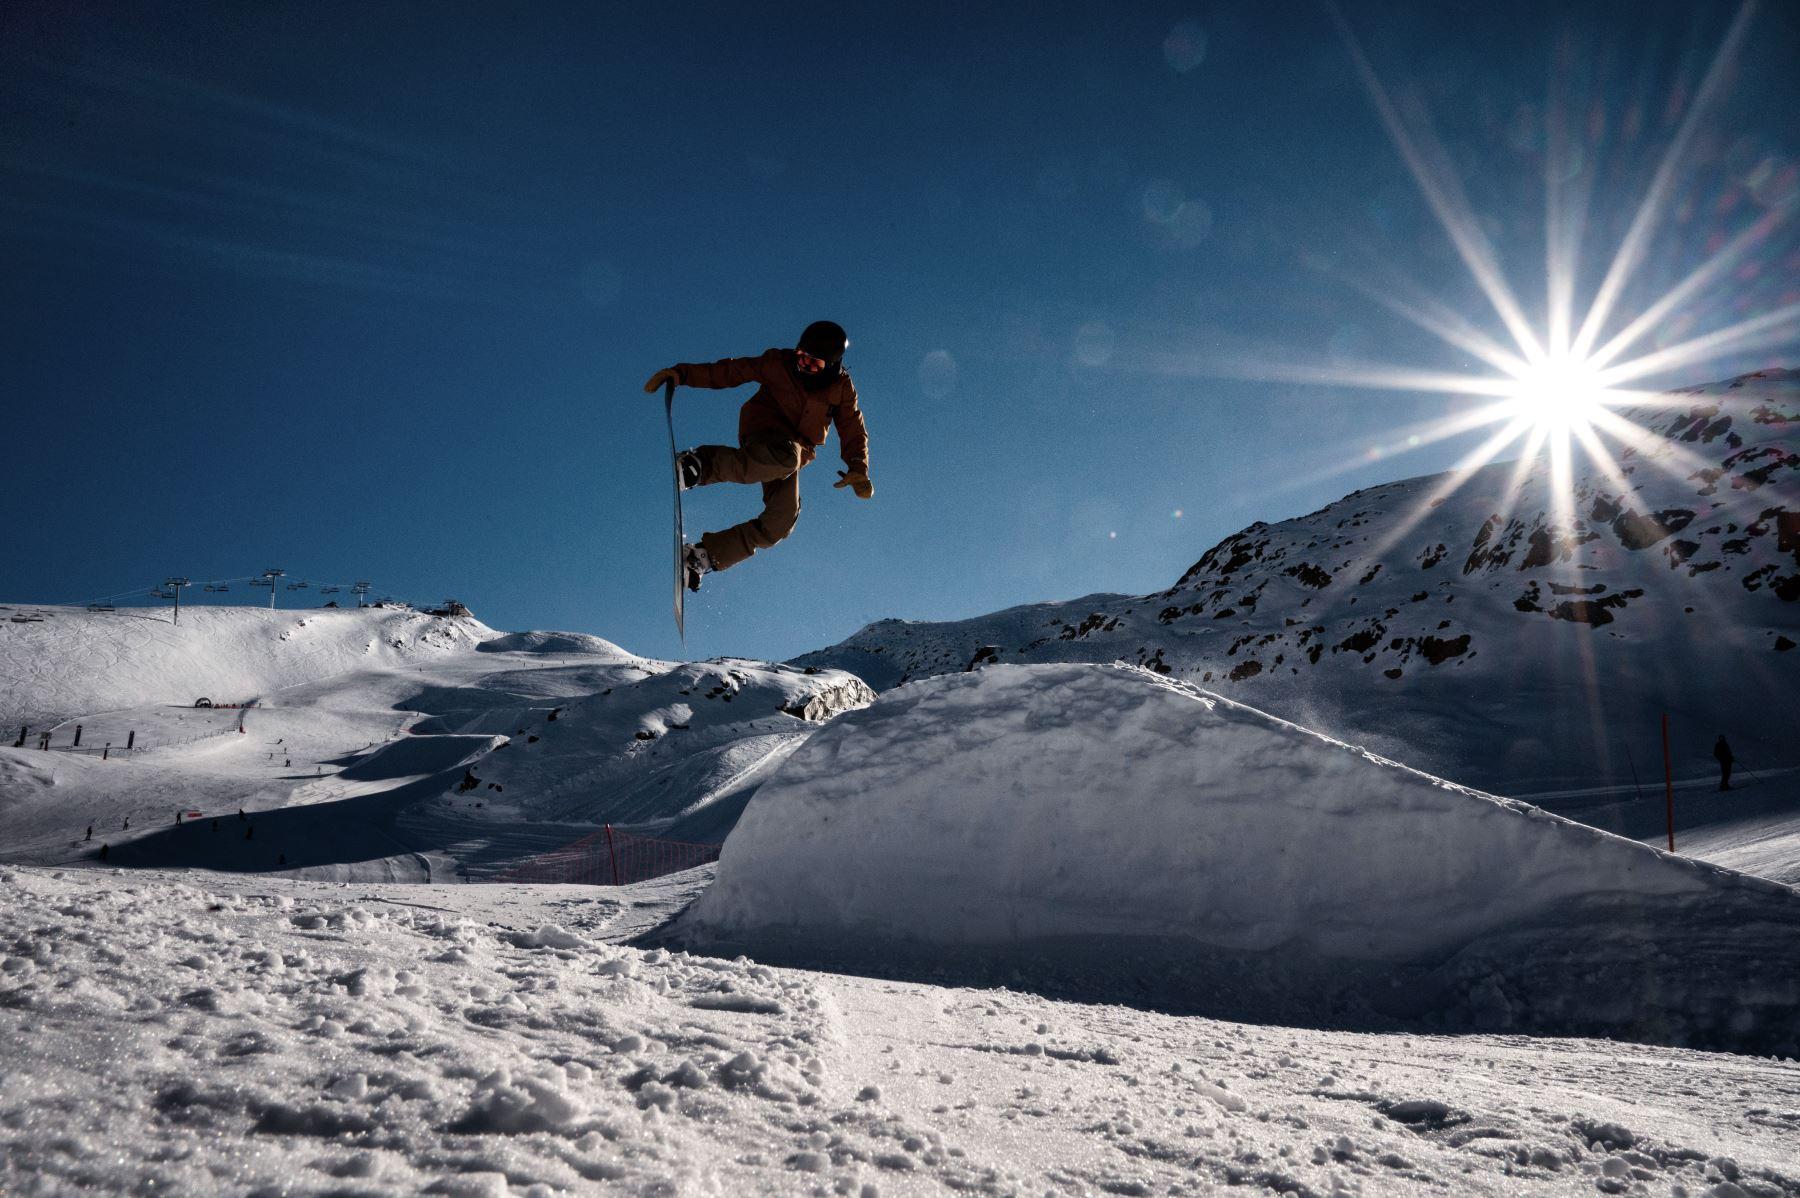 Un hombre monta su snowboard en un snowpark ubicado en una ladera de la estación de esquí de los Alpes franceses de Les Deux Alpes. AFP